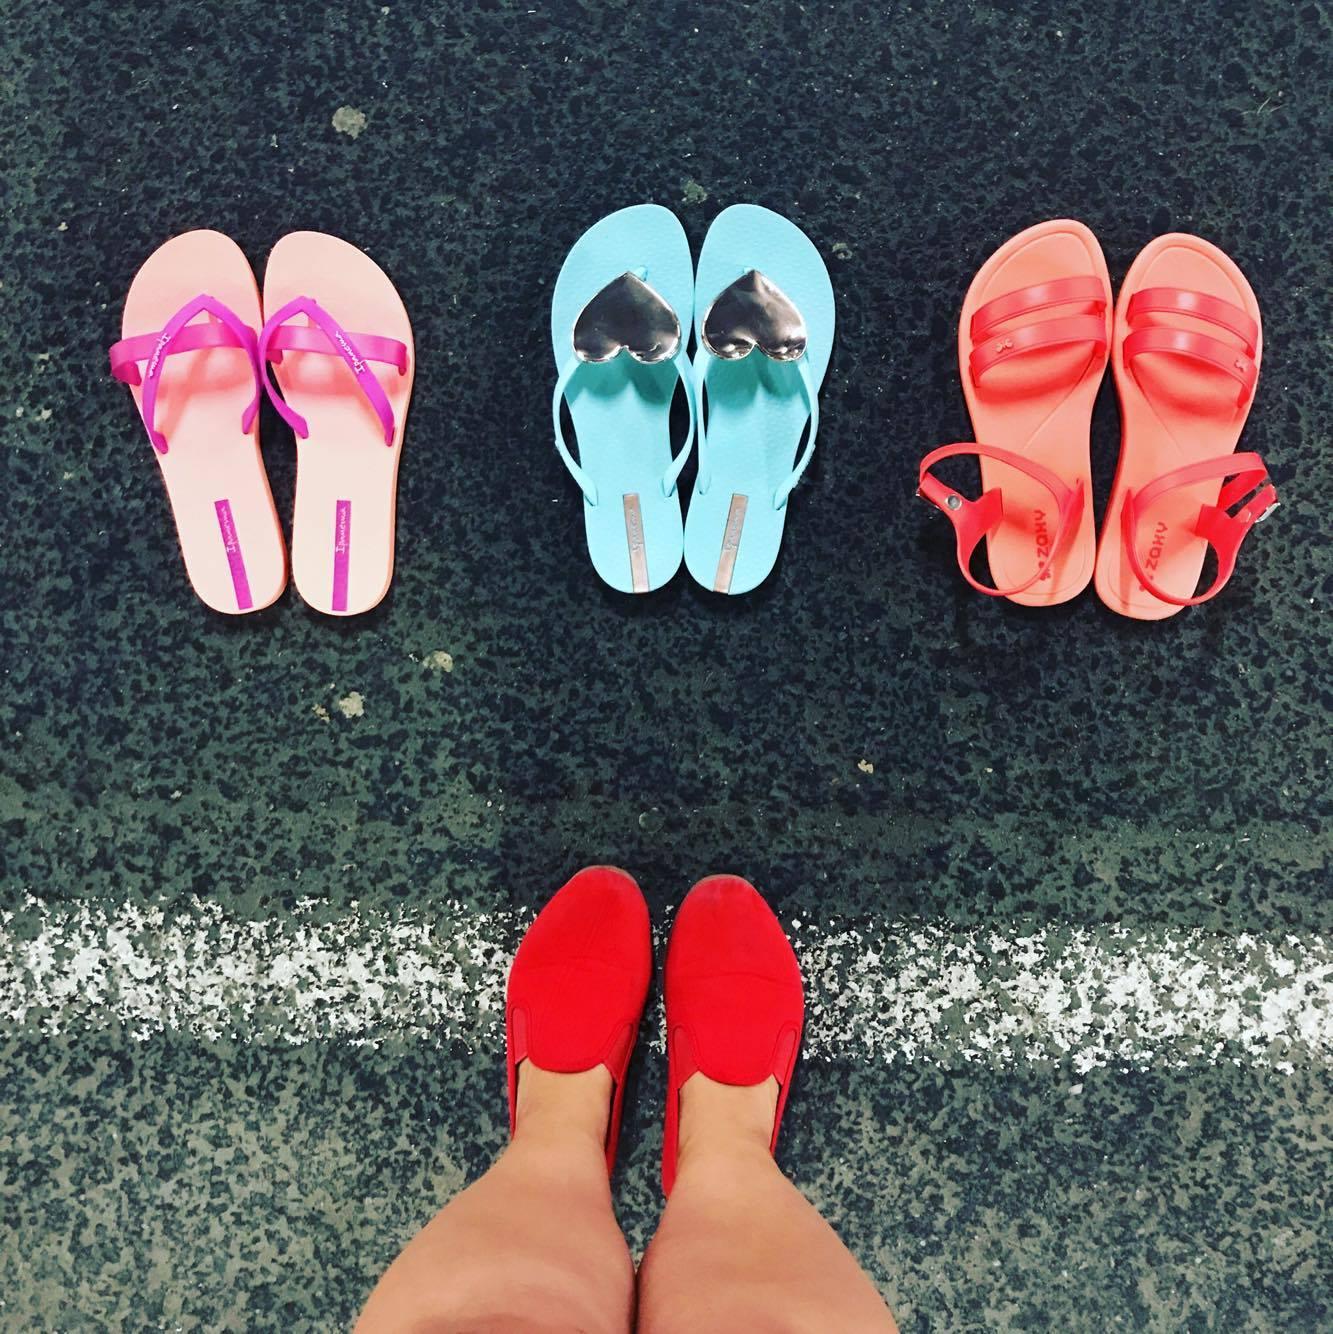 2c2b21e68f6 Ja no plätusid pole kunagi palju. Mul on ainult kaks paari plätusid,  punased ja sinised, nüüd on neli. Ja no need sandaalid olid niiiiii mugavad.